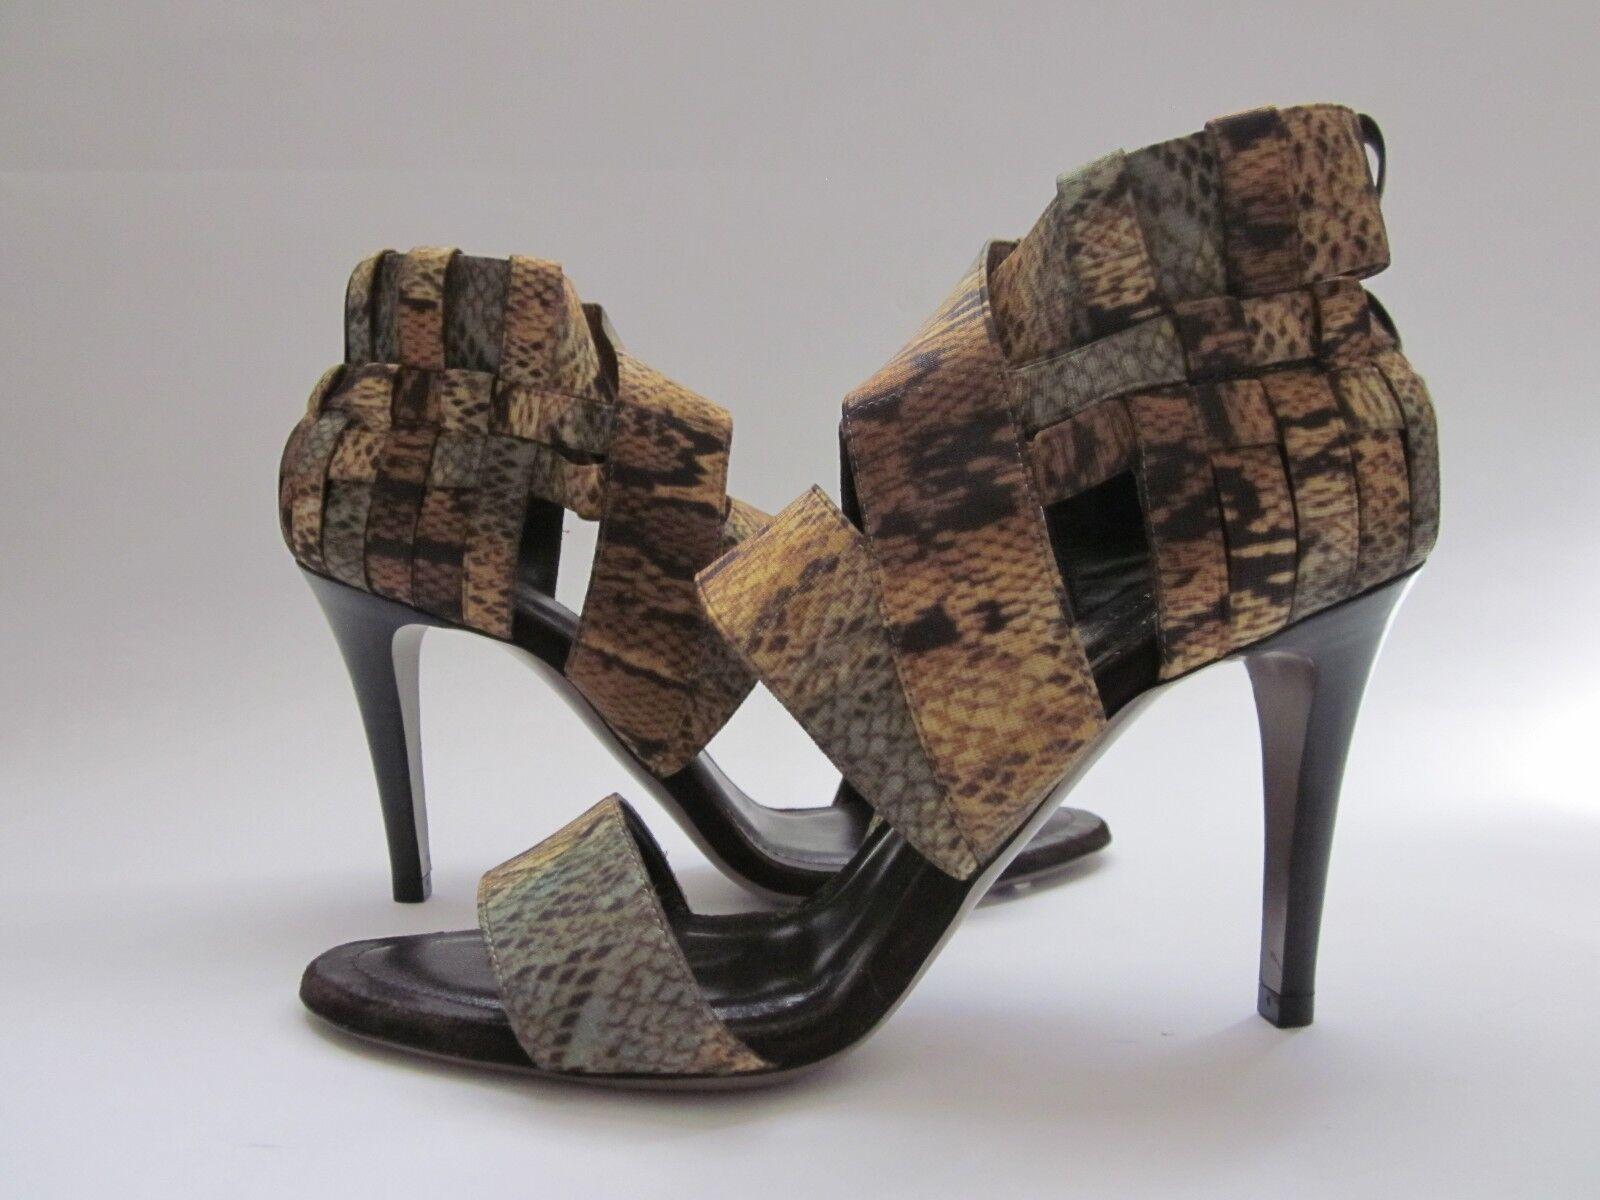 mujer Karan 816848   12 sandalias multiColor 6,5 - 7 yardas